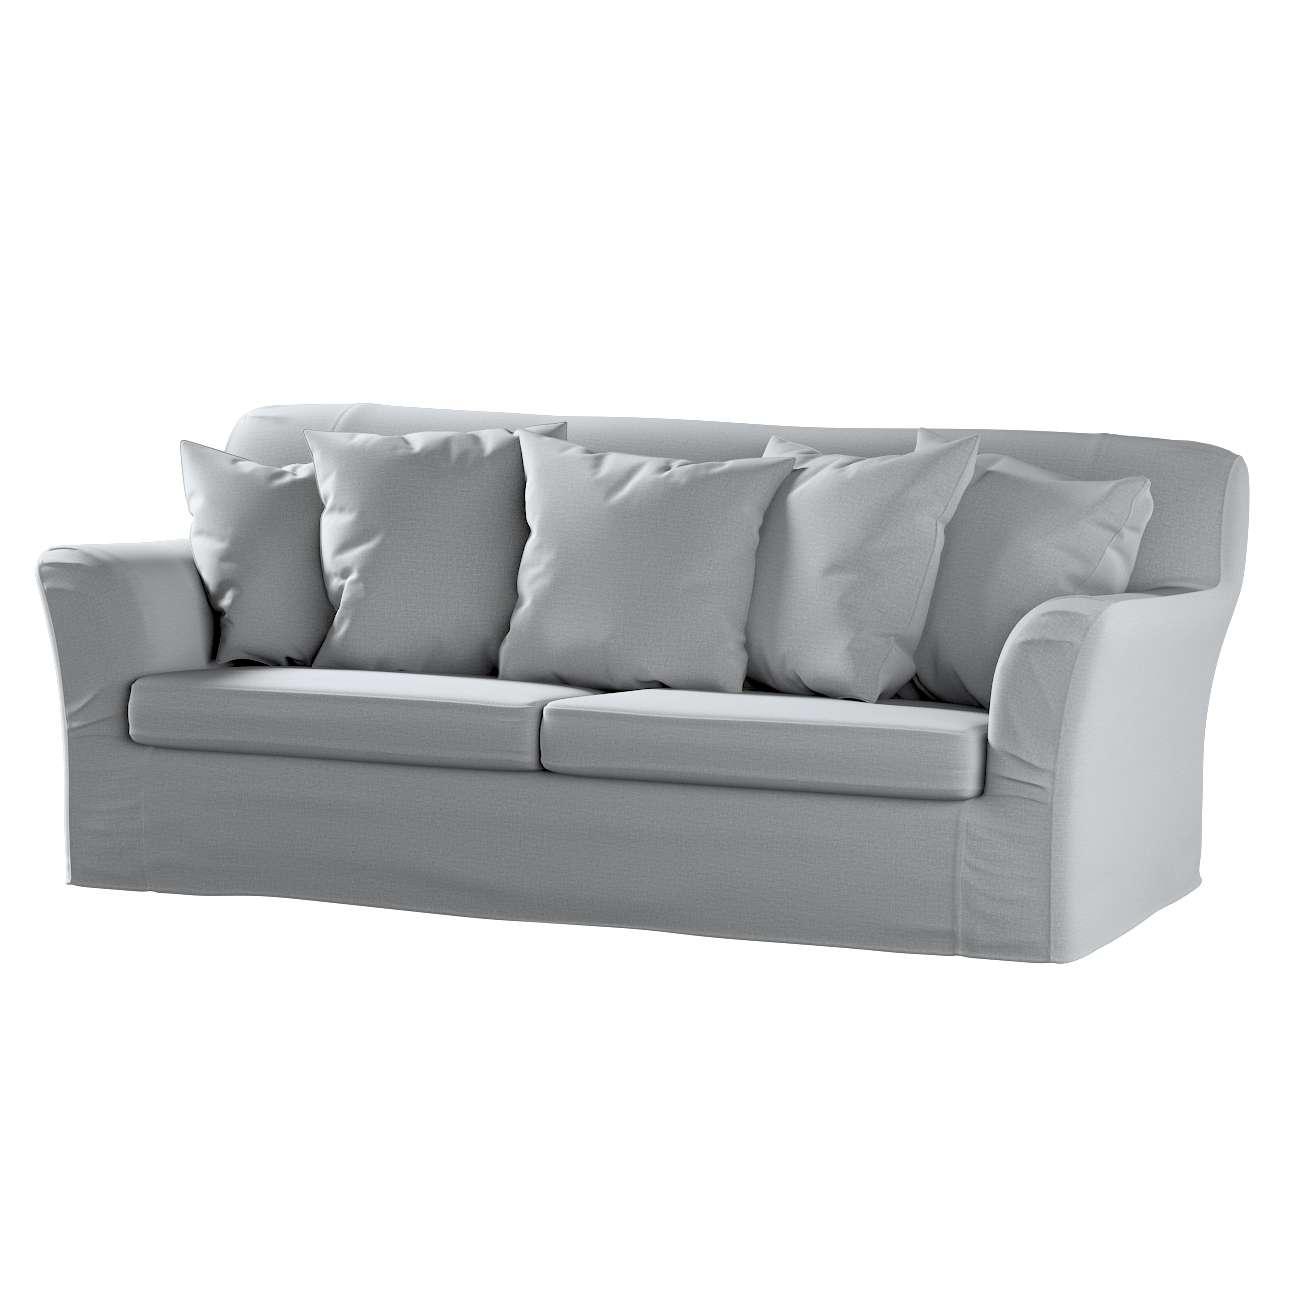 Pokrowiec na sofę Tomelilla 3-osobową rozkładaną w kolekcji Ingrid, tkanina: 705-42